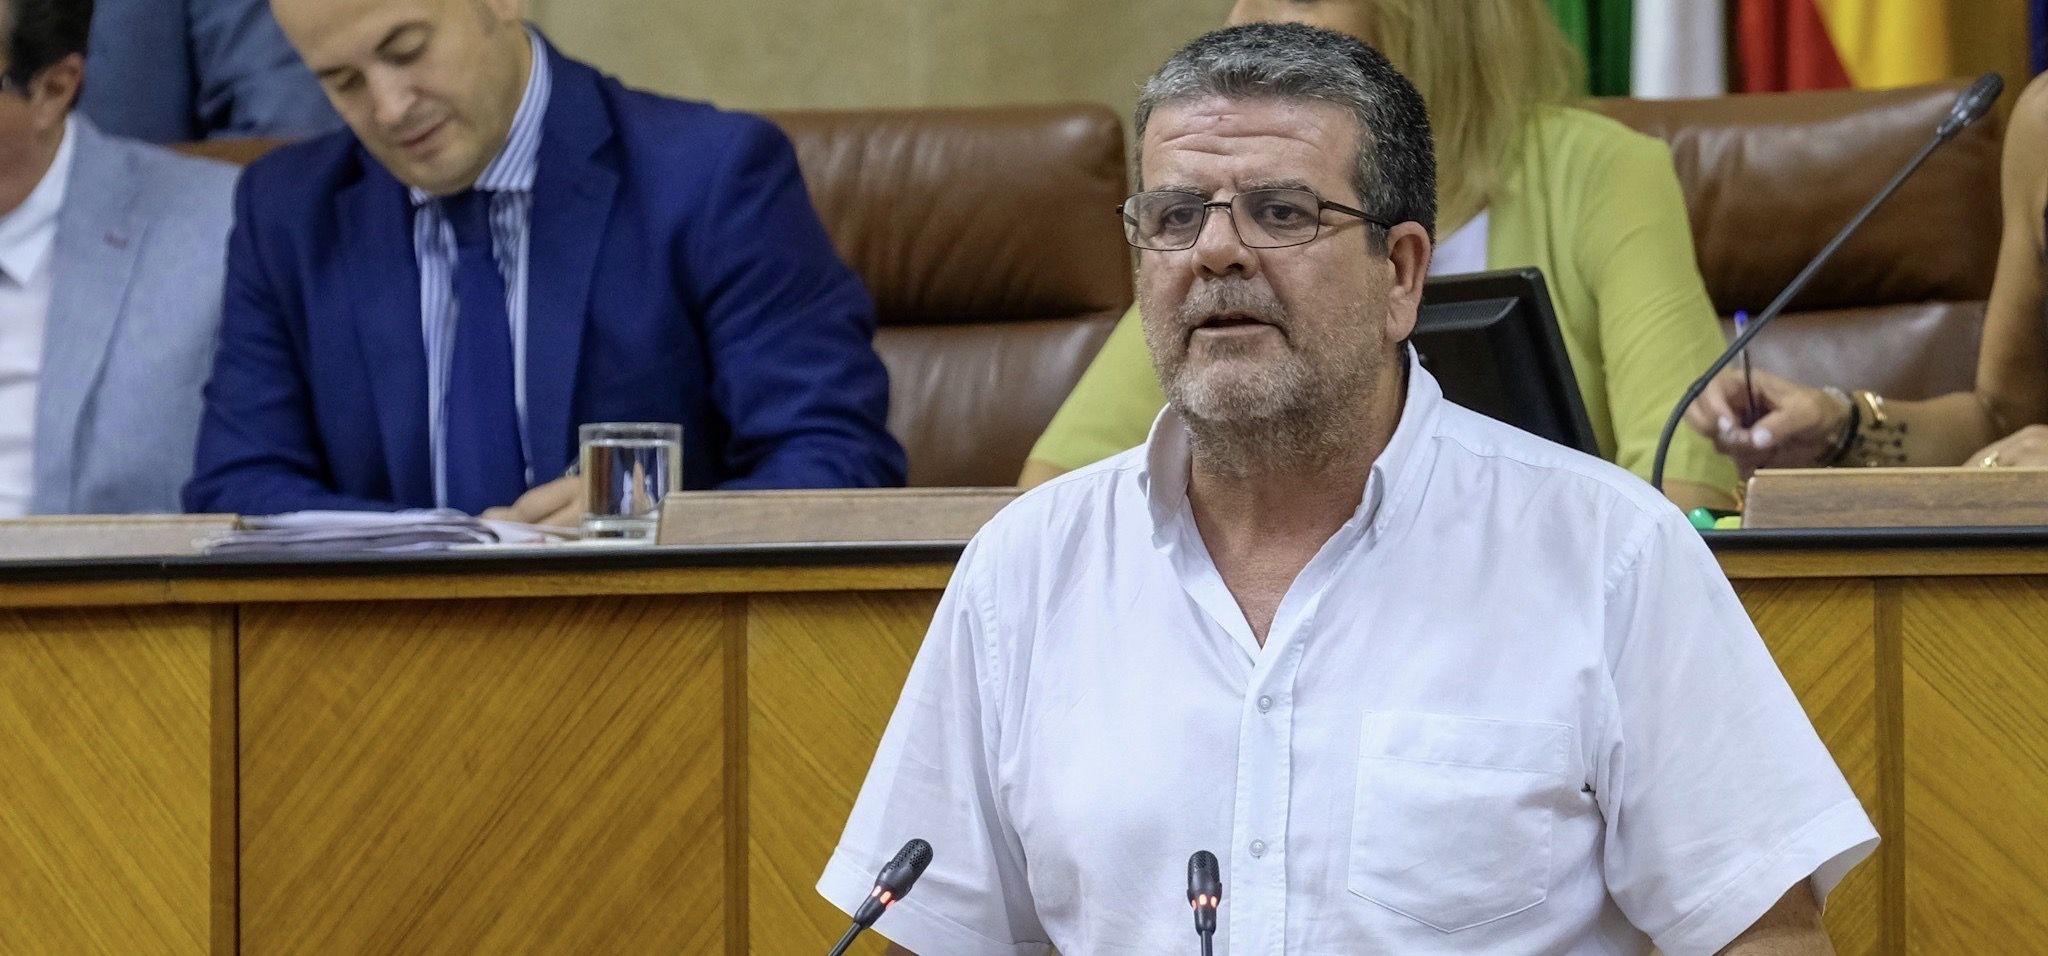 El portavoz de Adelante Andalucia en la Comisión de la RTVA, Nacho Molina, hace balance del primer año de la nueva dirección de Canal Sur.